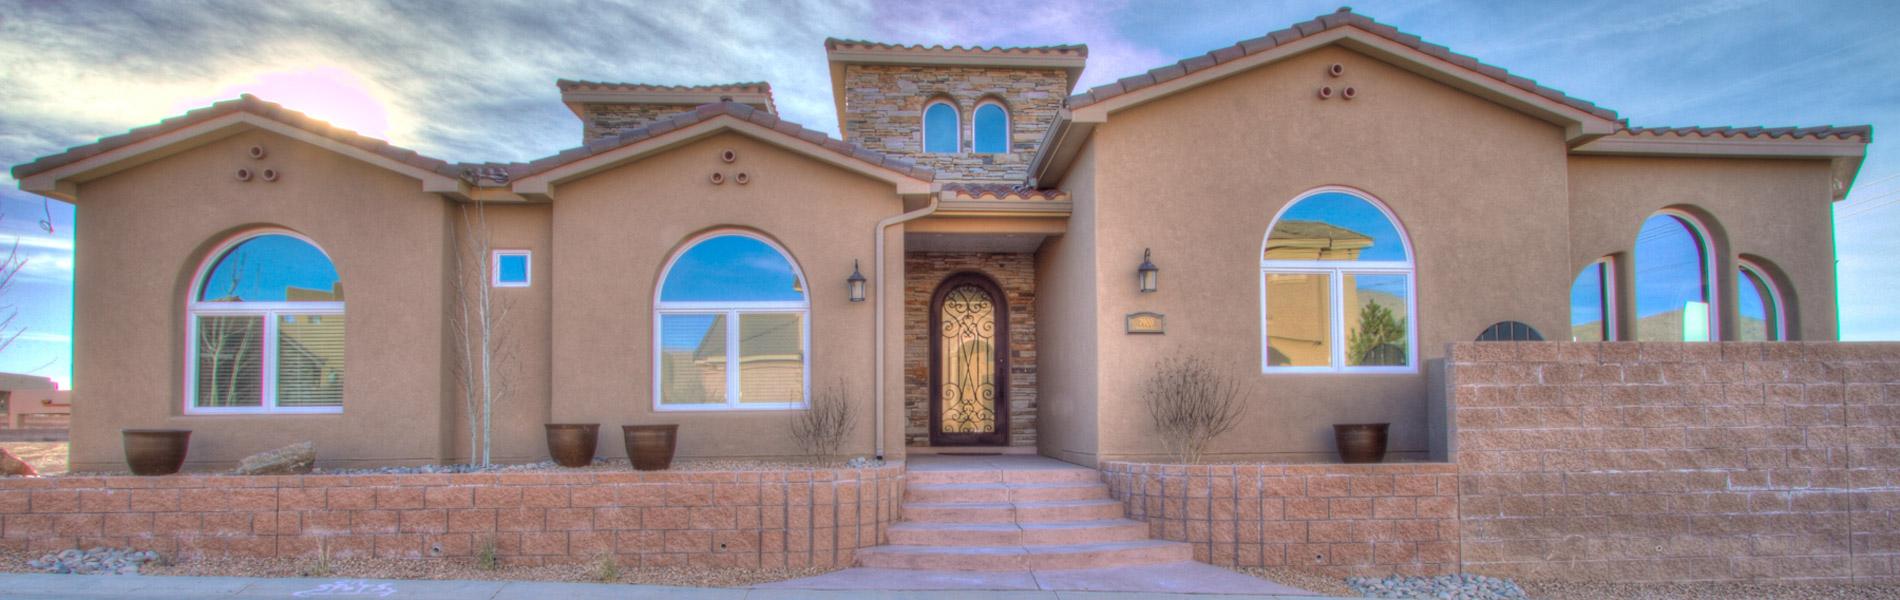 Lowe-bo Homes | Albuquerque Custom Home Builder